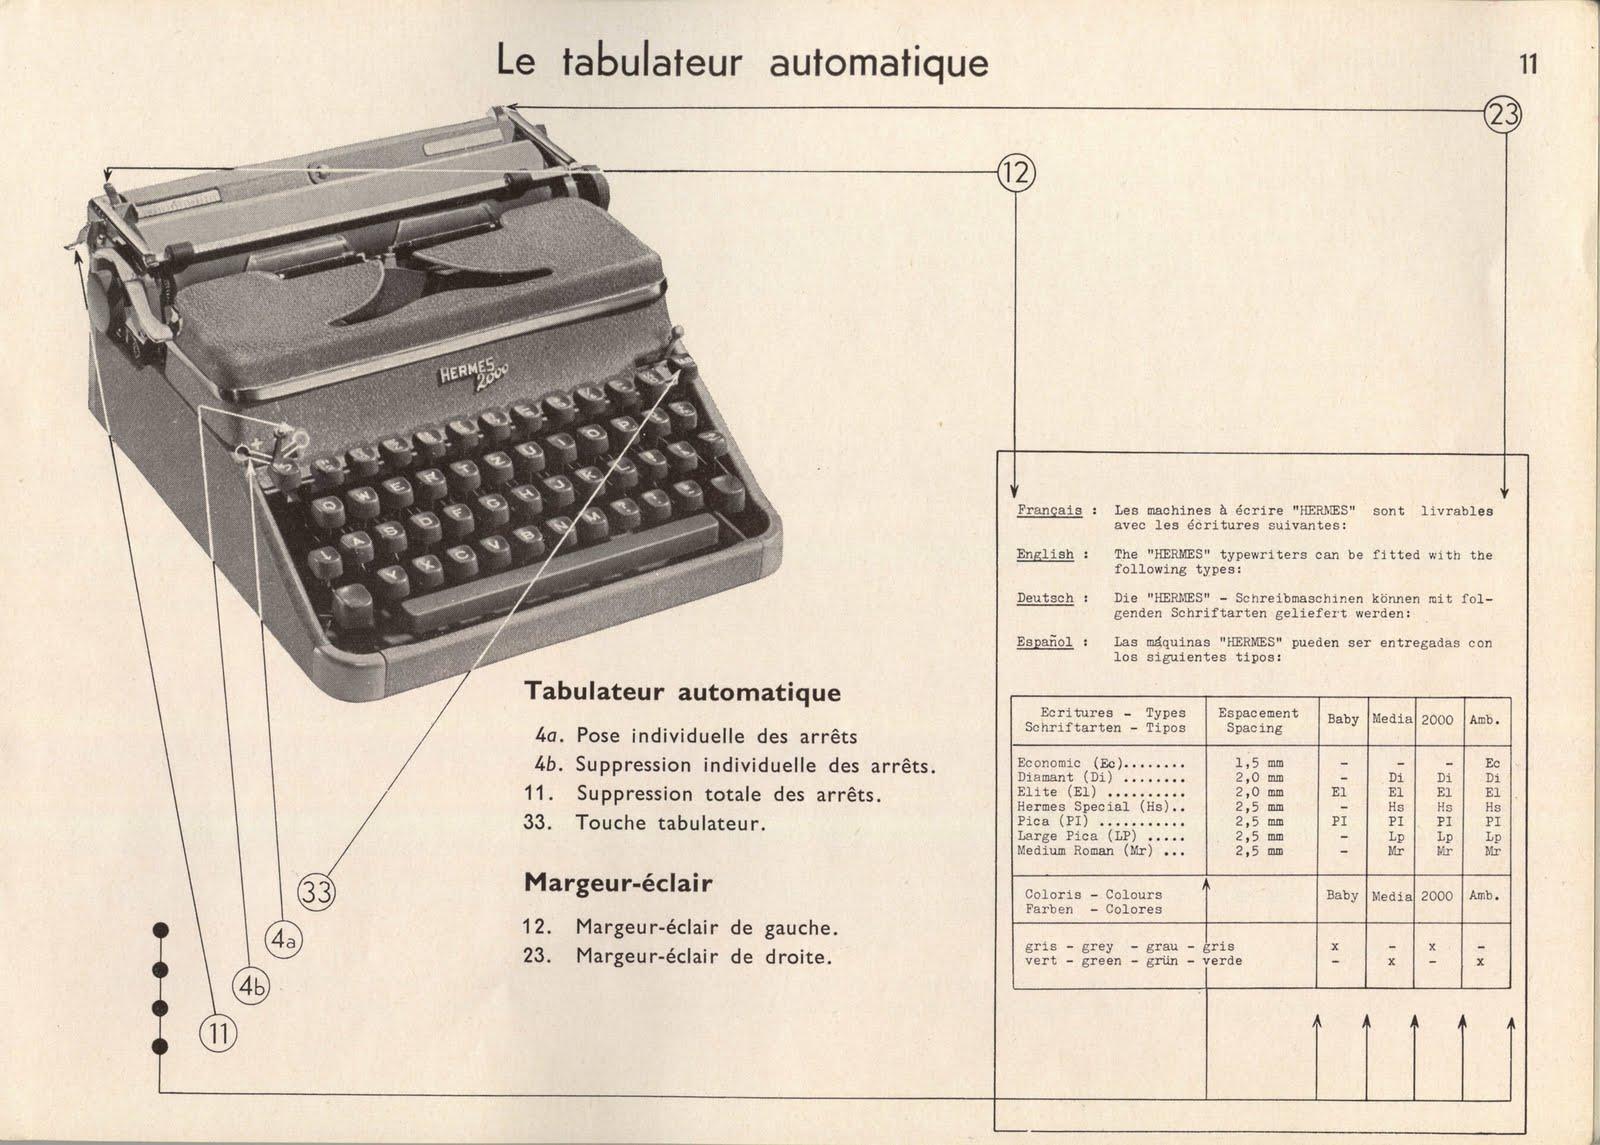 manual typewriter diagram power sentry ps1400 wiring retro tech geneva ephemera hermes 2000